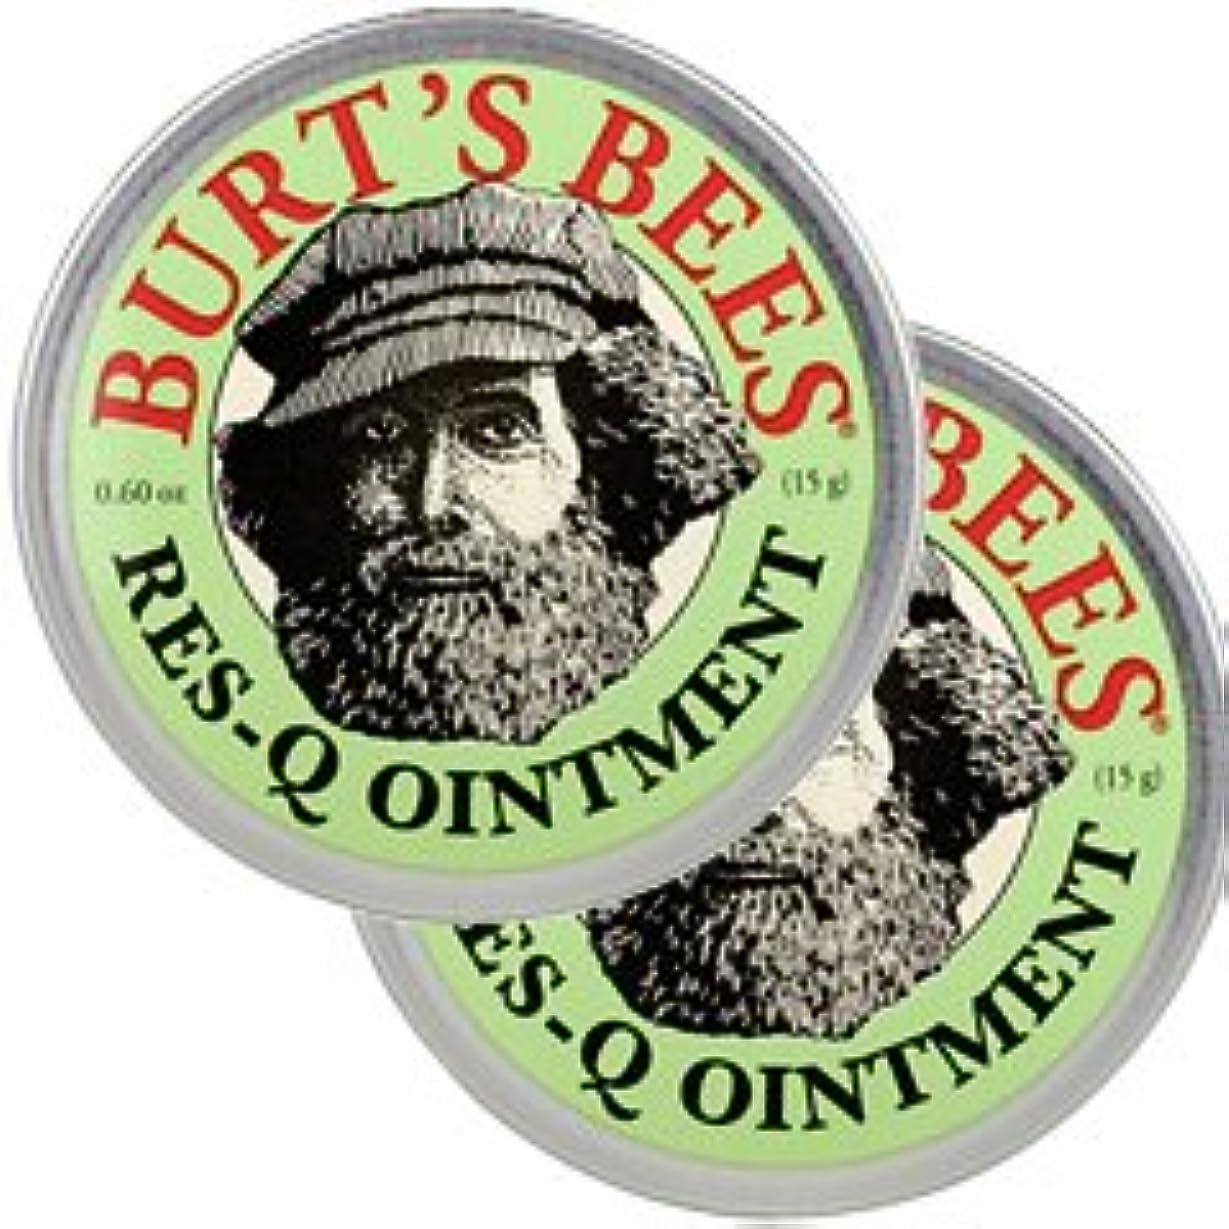 適用する排他的現代バーツビーズ(Burt's Bees)レスキュー オイントメント 17g 2個セット[並行輸入品][海外直送品]